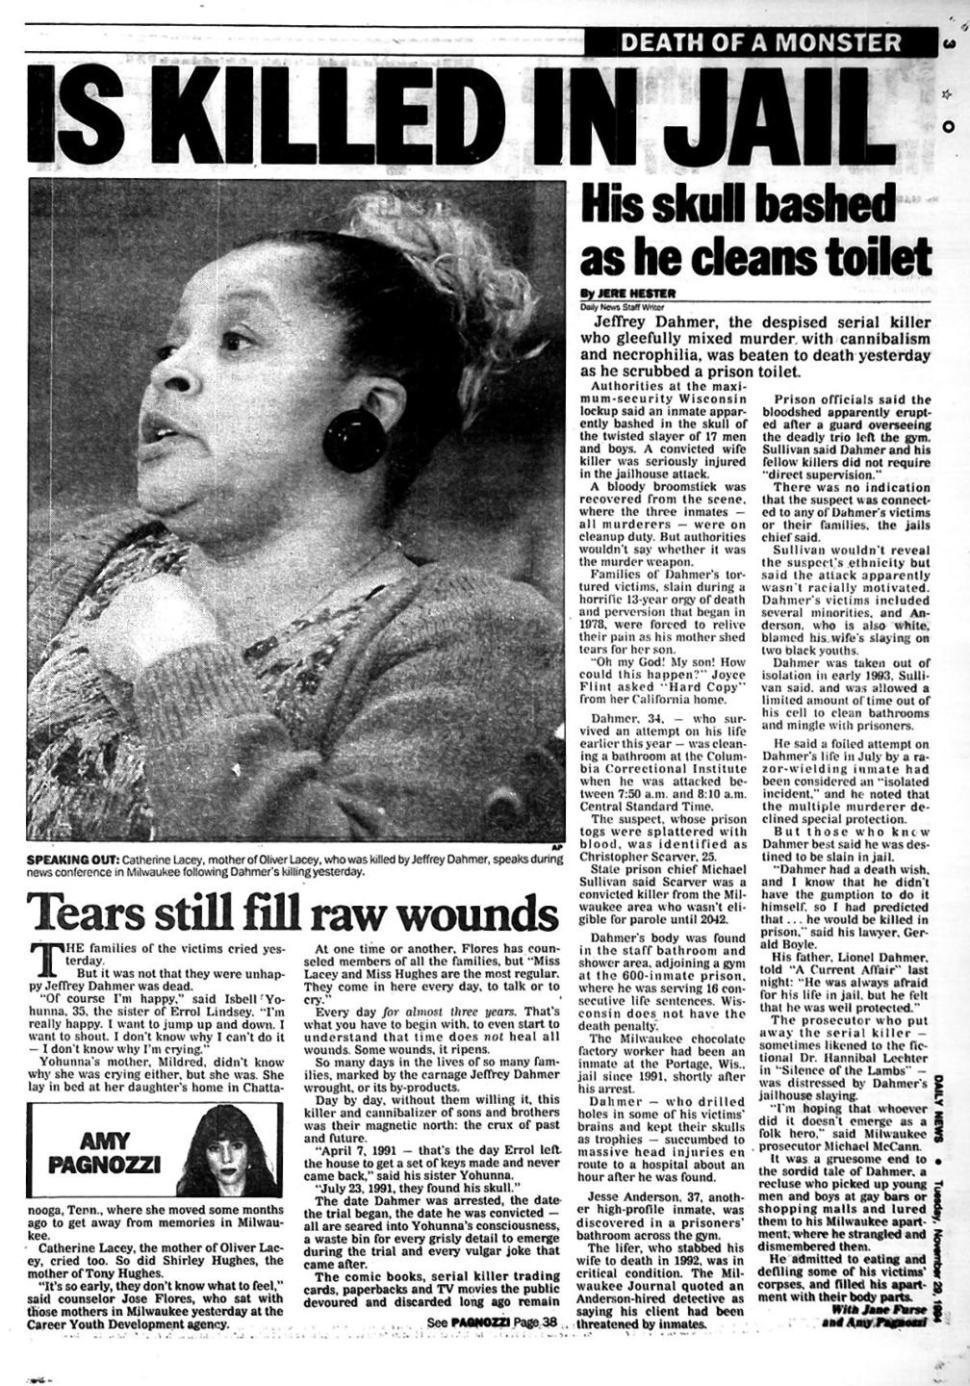 Reportagem do New York Daily News sobre a morte de Jeffrey Dahmer.